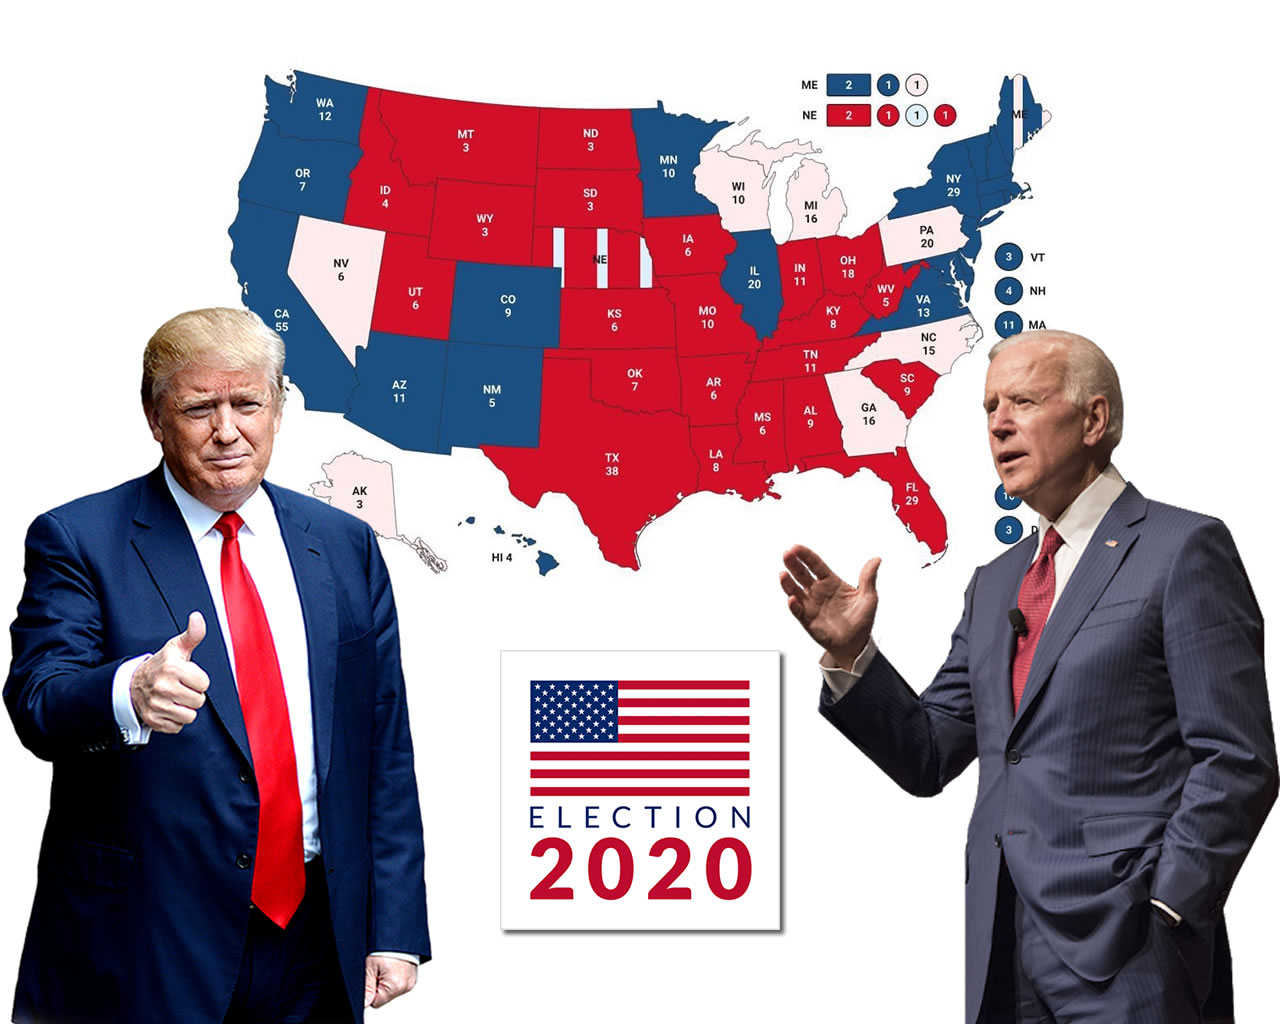 Θρίλερ στις Αμερικάνικες εκλογές! 67% συμμετοχή ρεκόρ